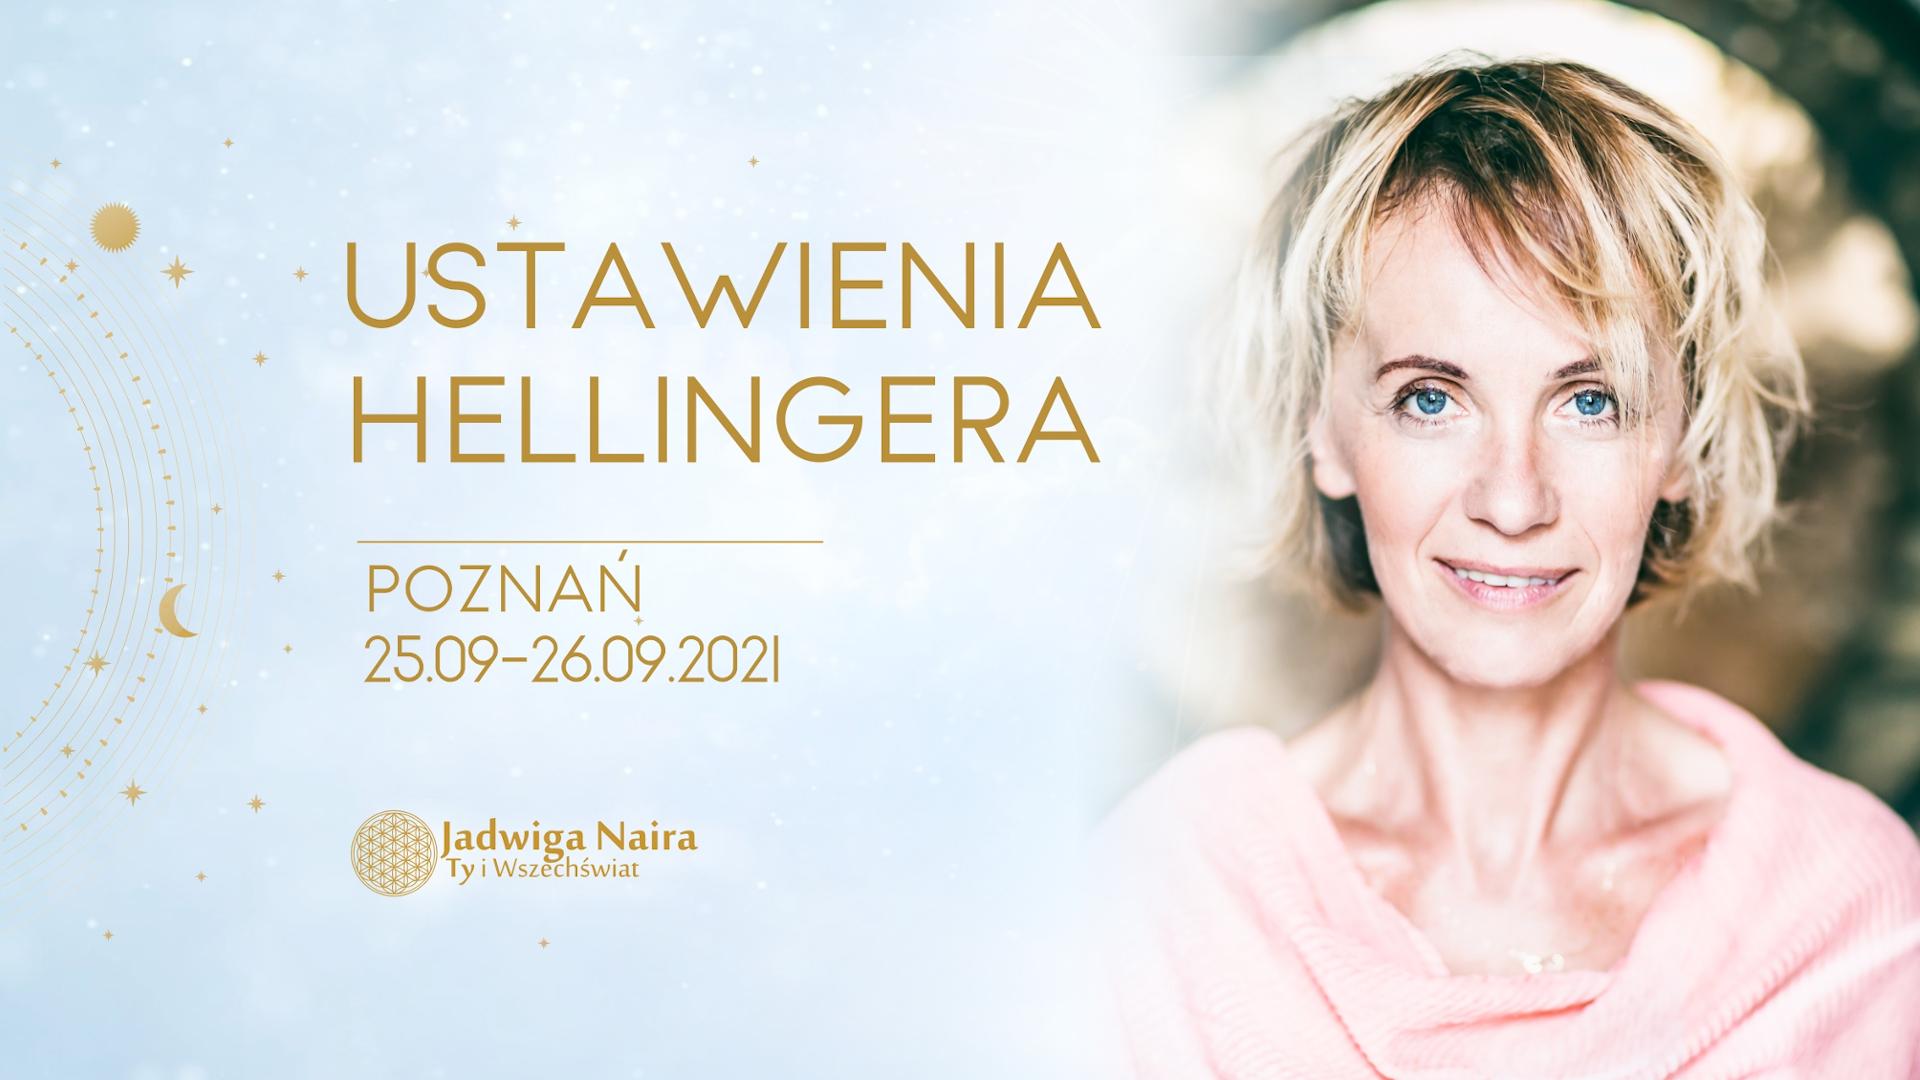 Ustawienia Hellingera / Poznań